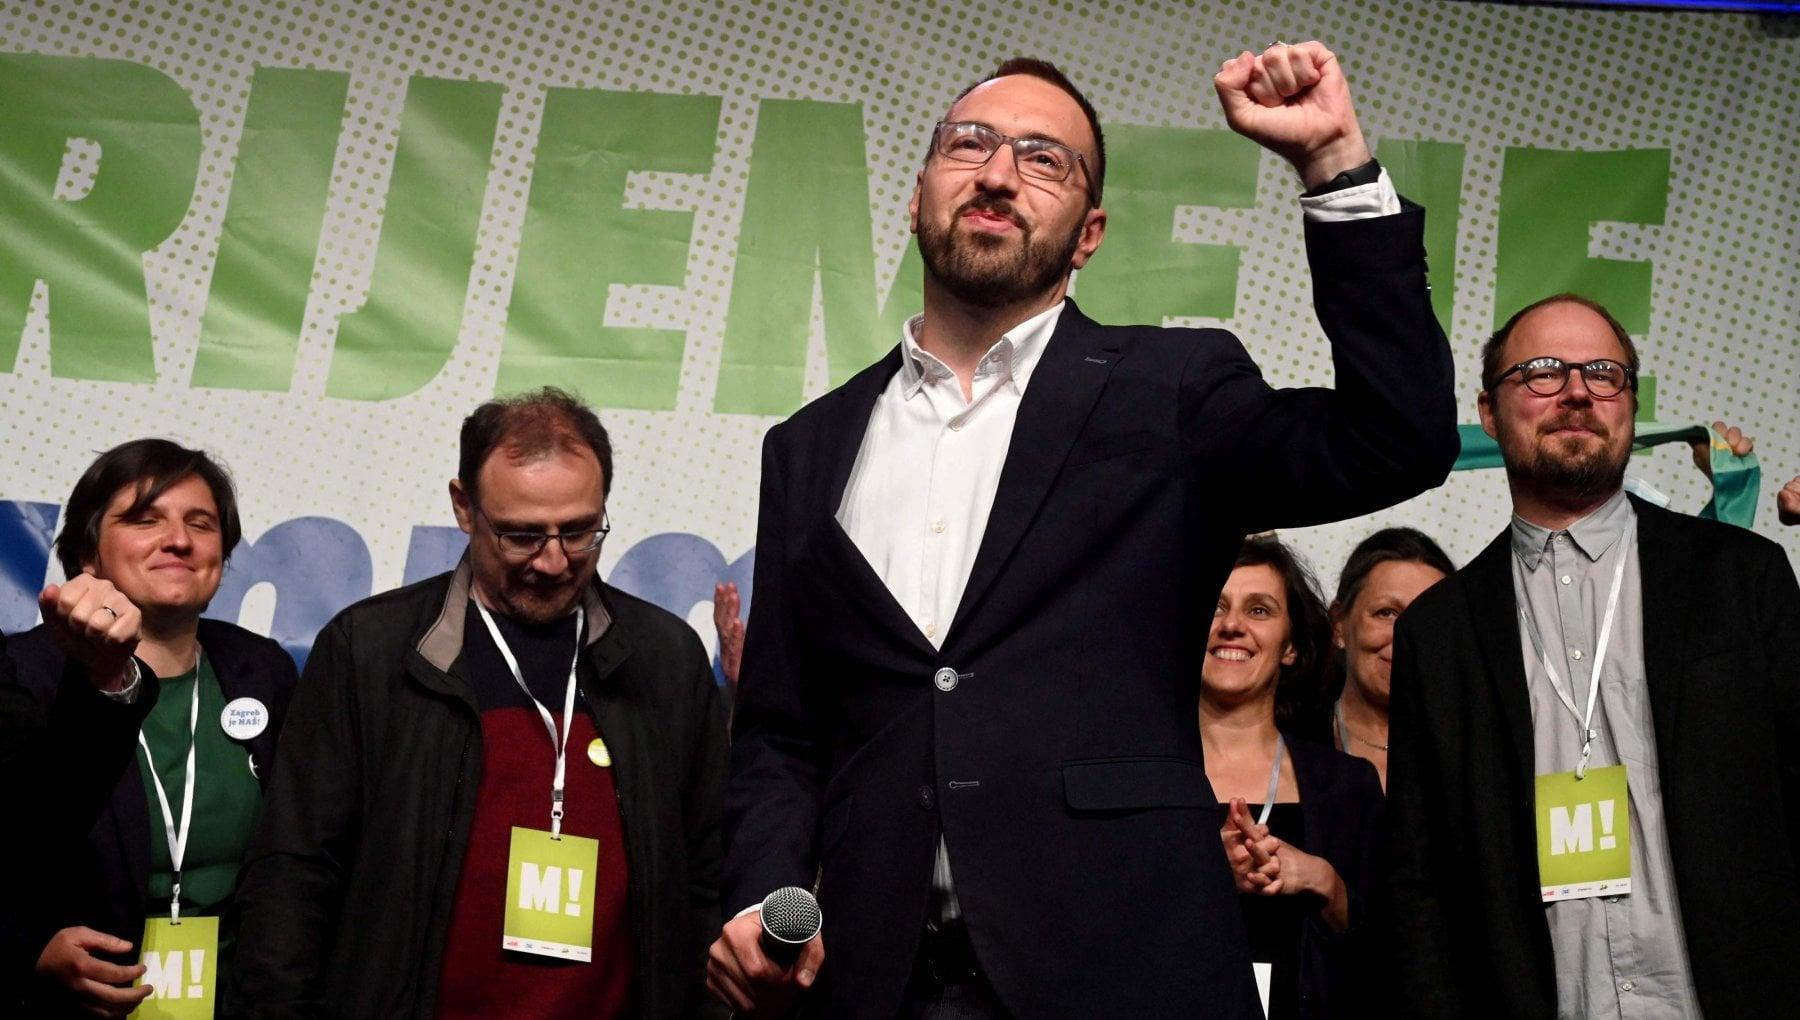 103751550 56baae98 394a 4ab8 8c83 ca6c19456384 - Croazia, la svolta verde di Zagabria: Tomasevic nuovo sindaco della capitale